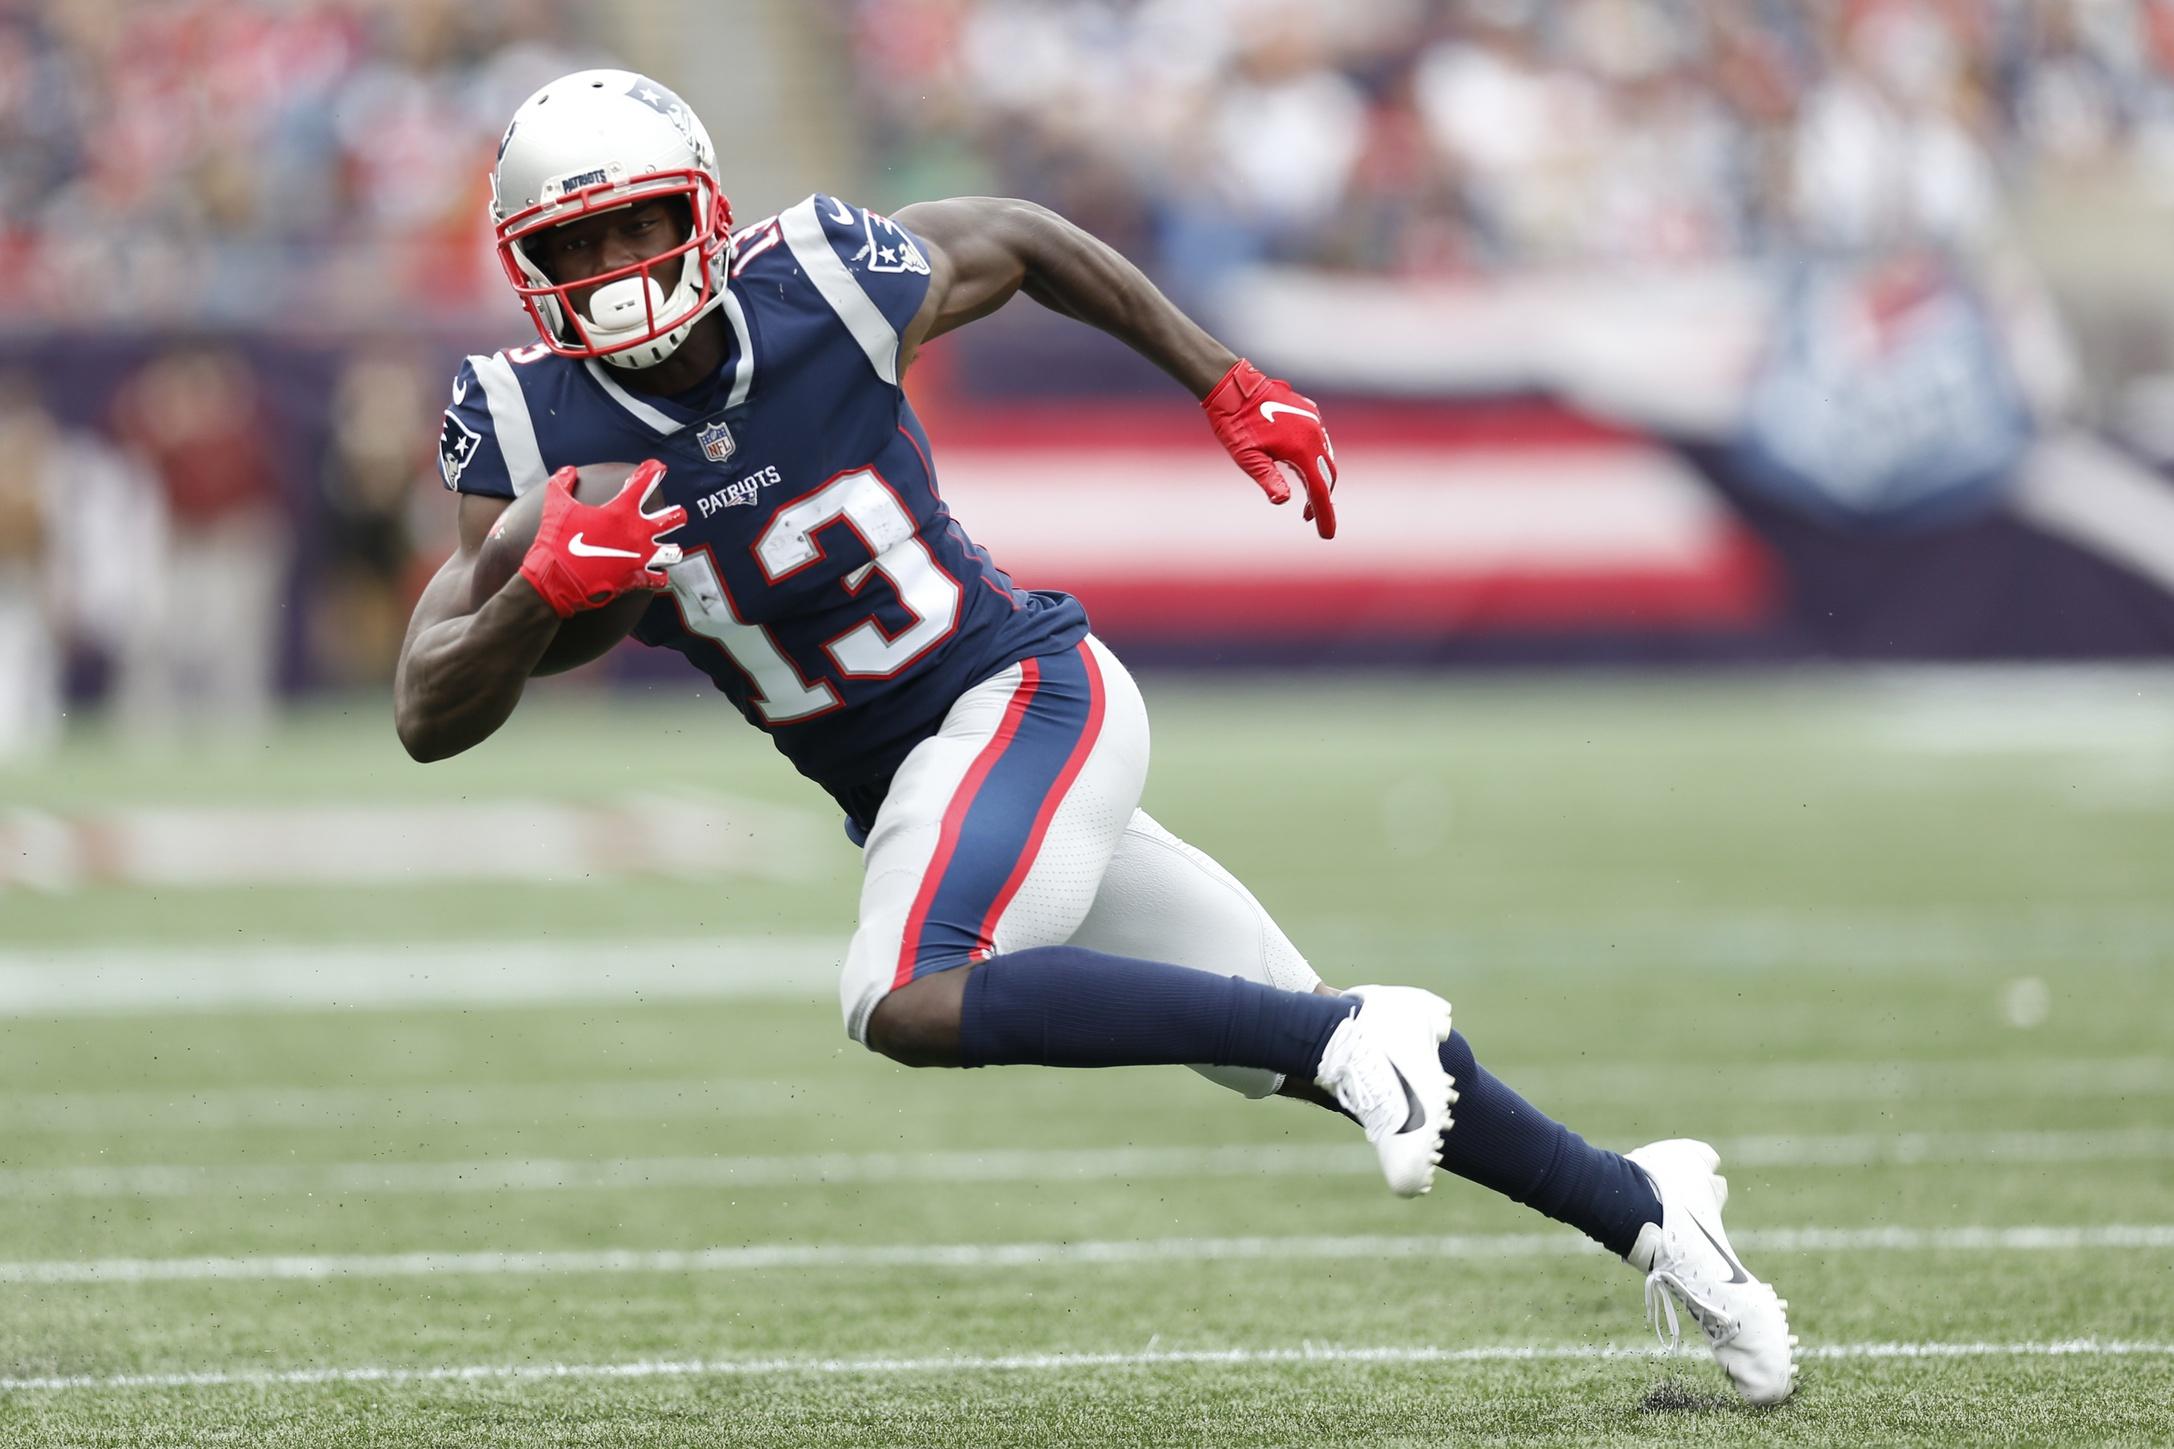 2019 NFL Free Agency Profile: Phillip Dorsett | NFL News, Rankings ...